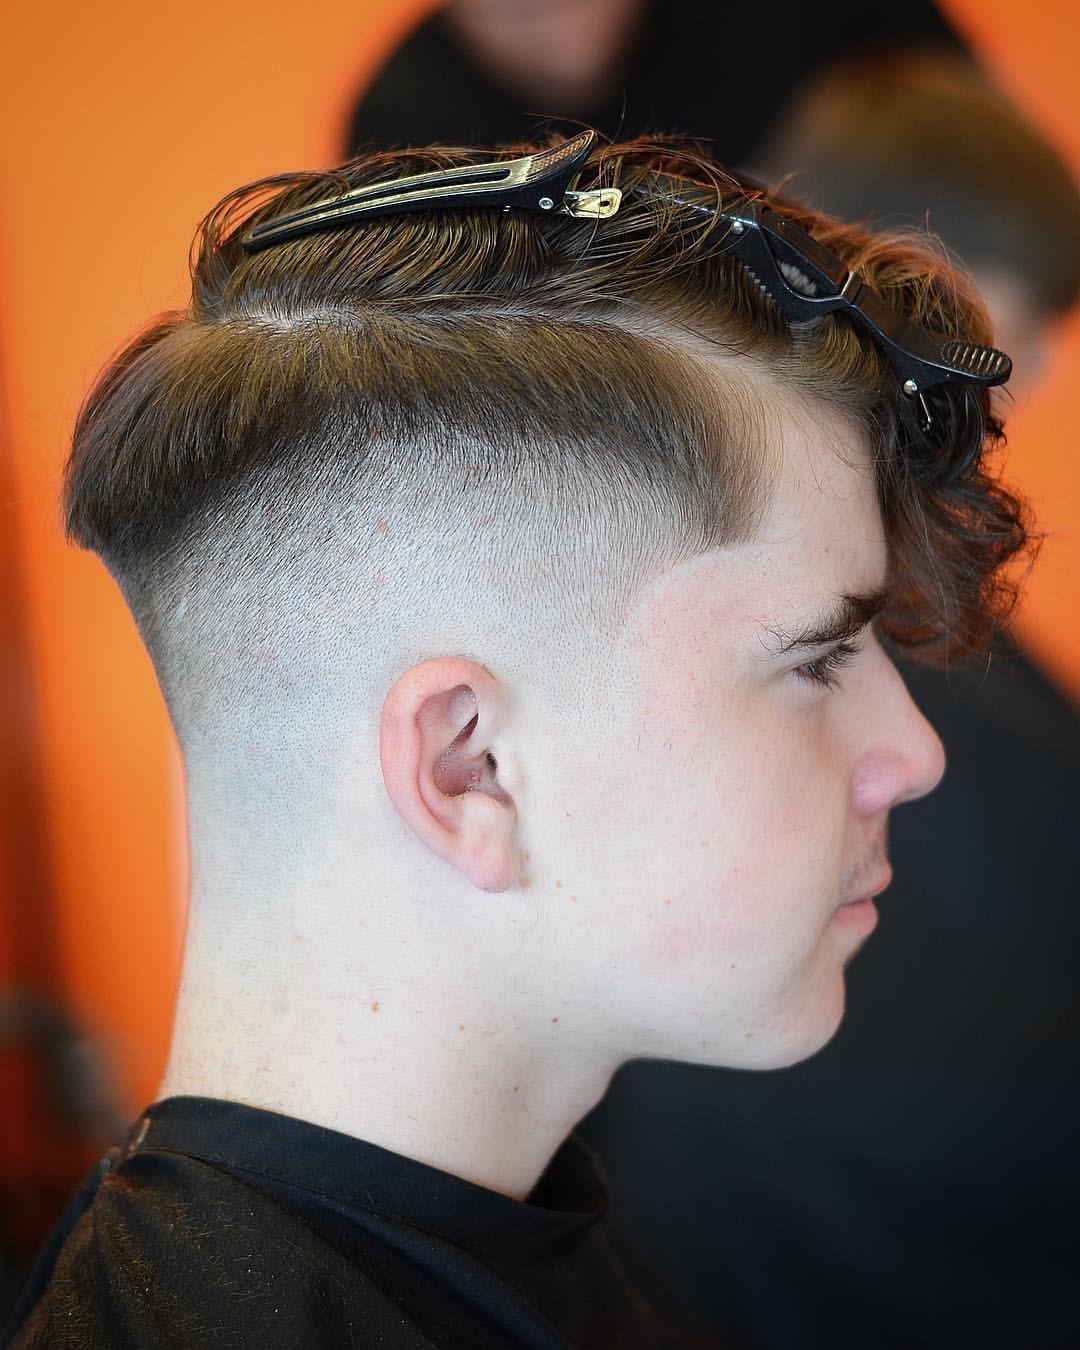 Different types of fade haircuts for men     u u  barber barbershop haircut menshair